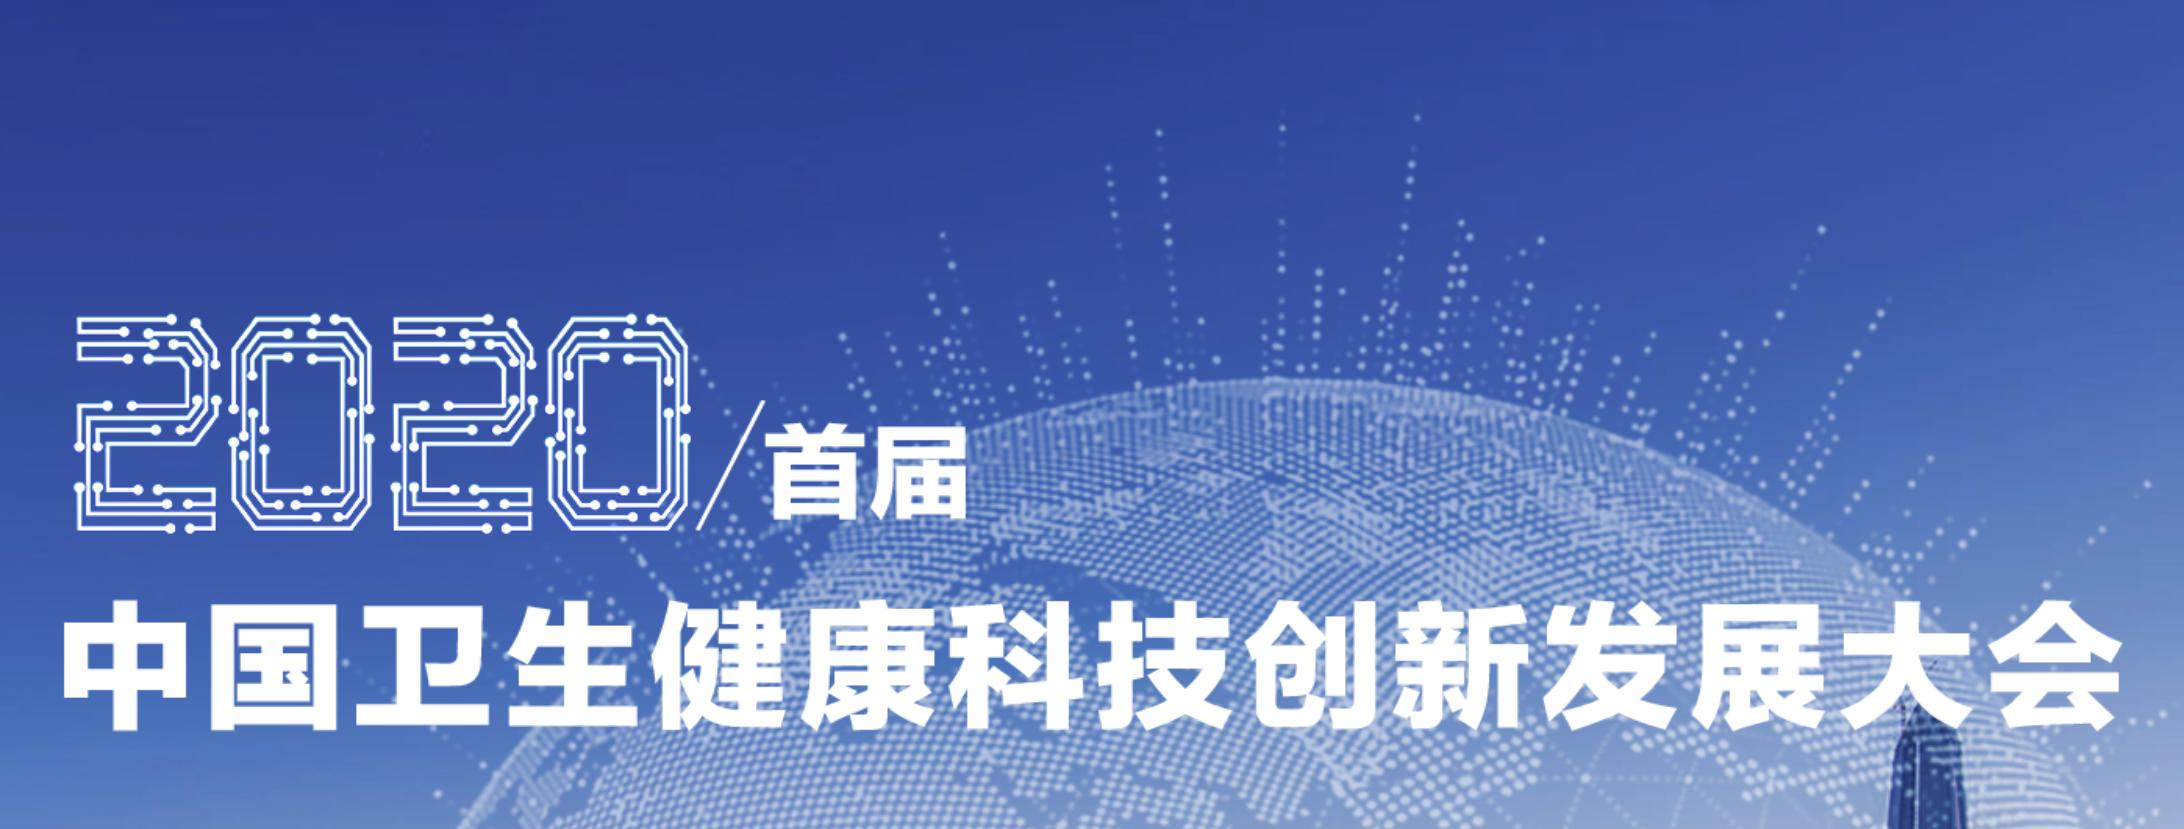 首届中国卫生健康科技创新发展大会明日在深圳开幕